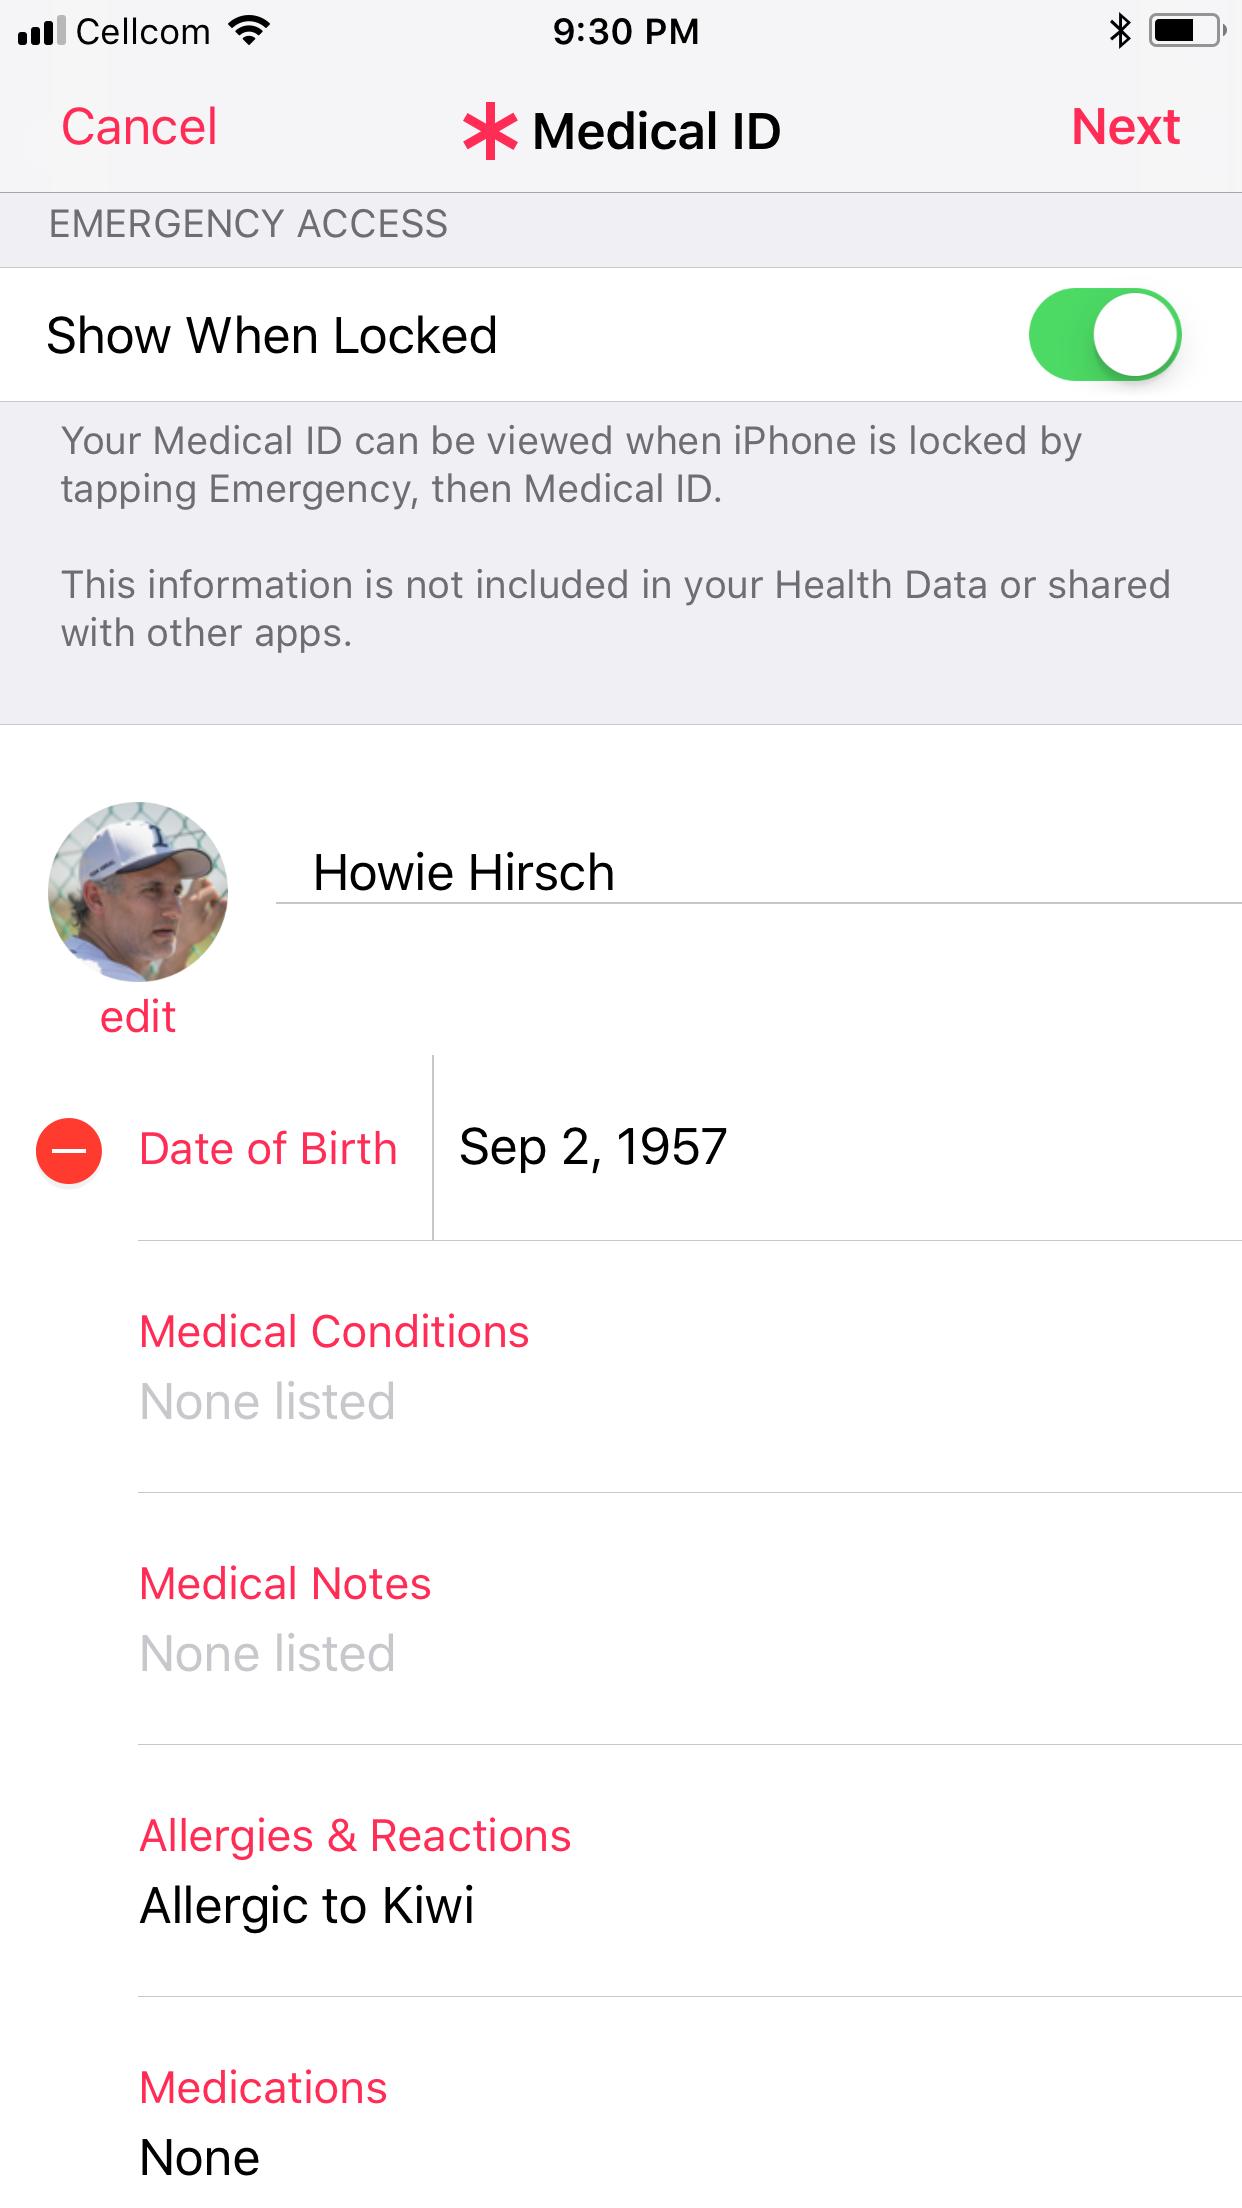 Medical ID